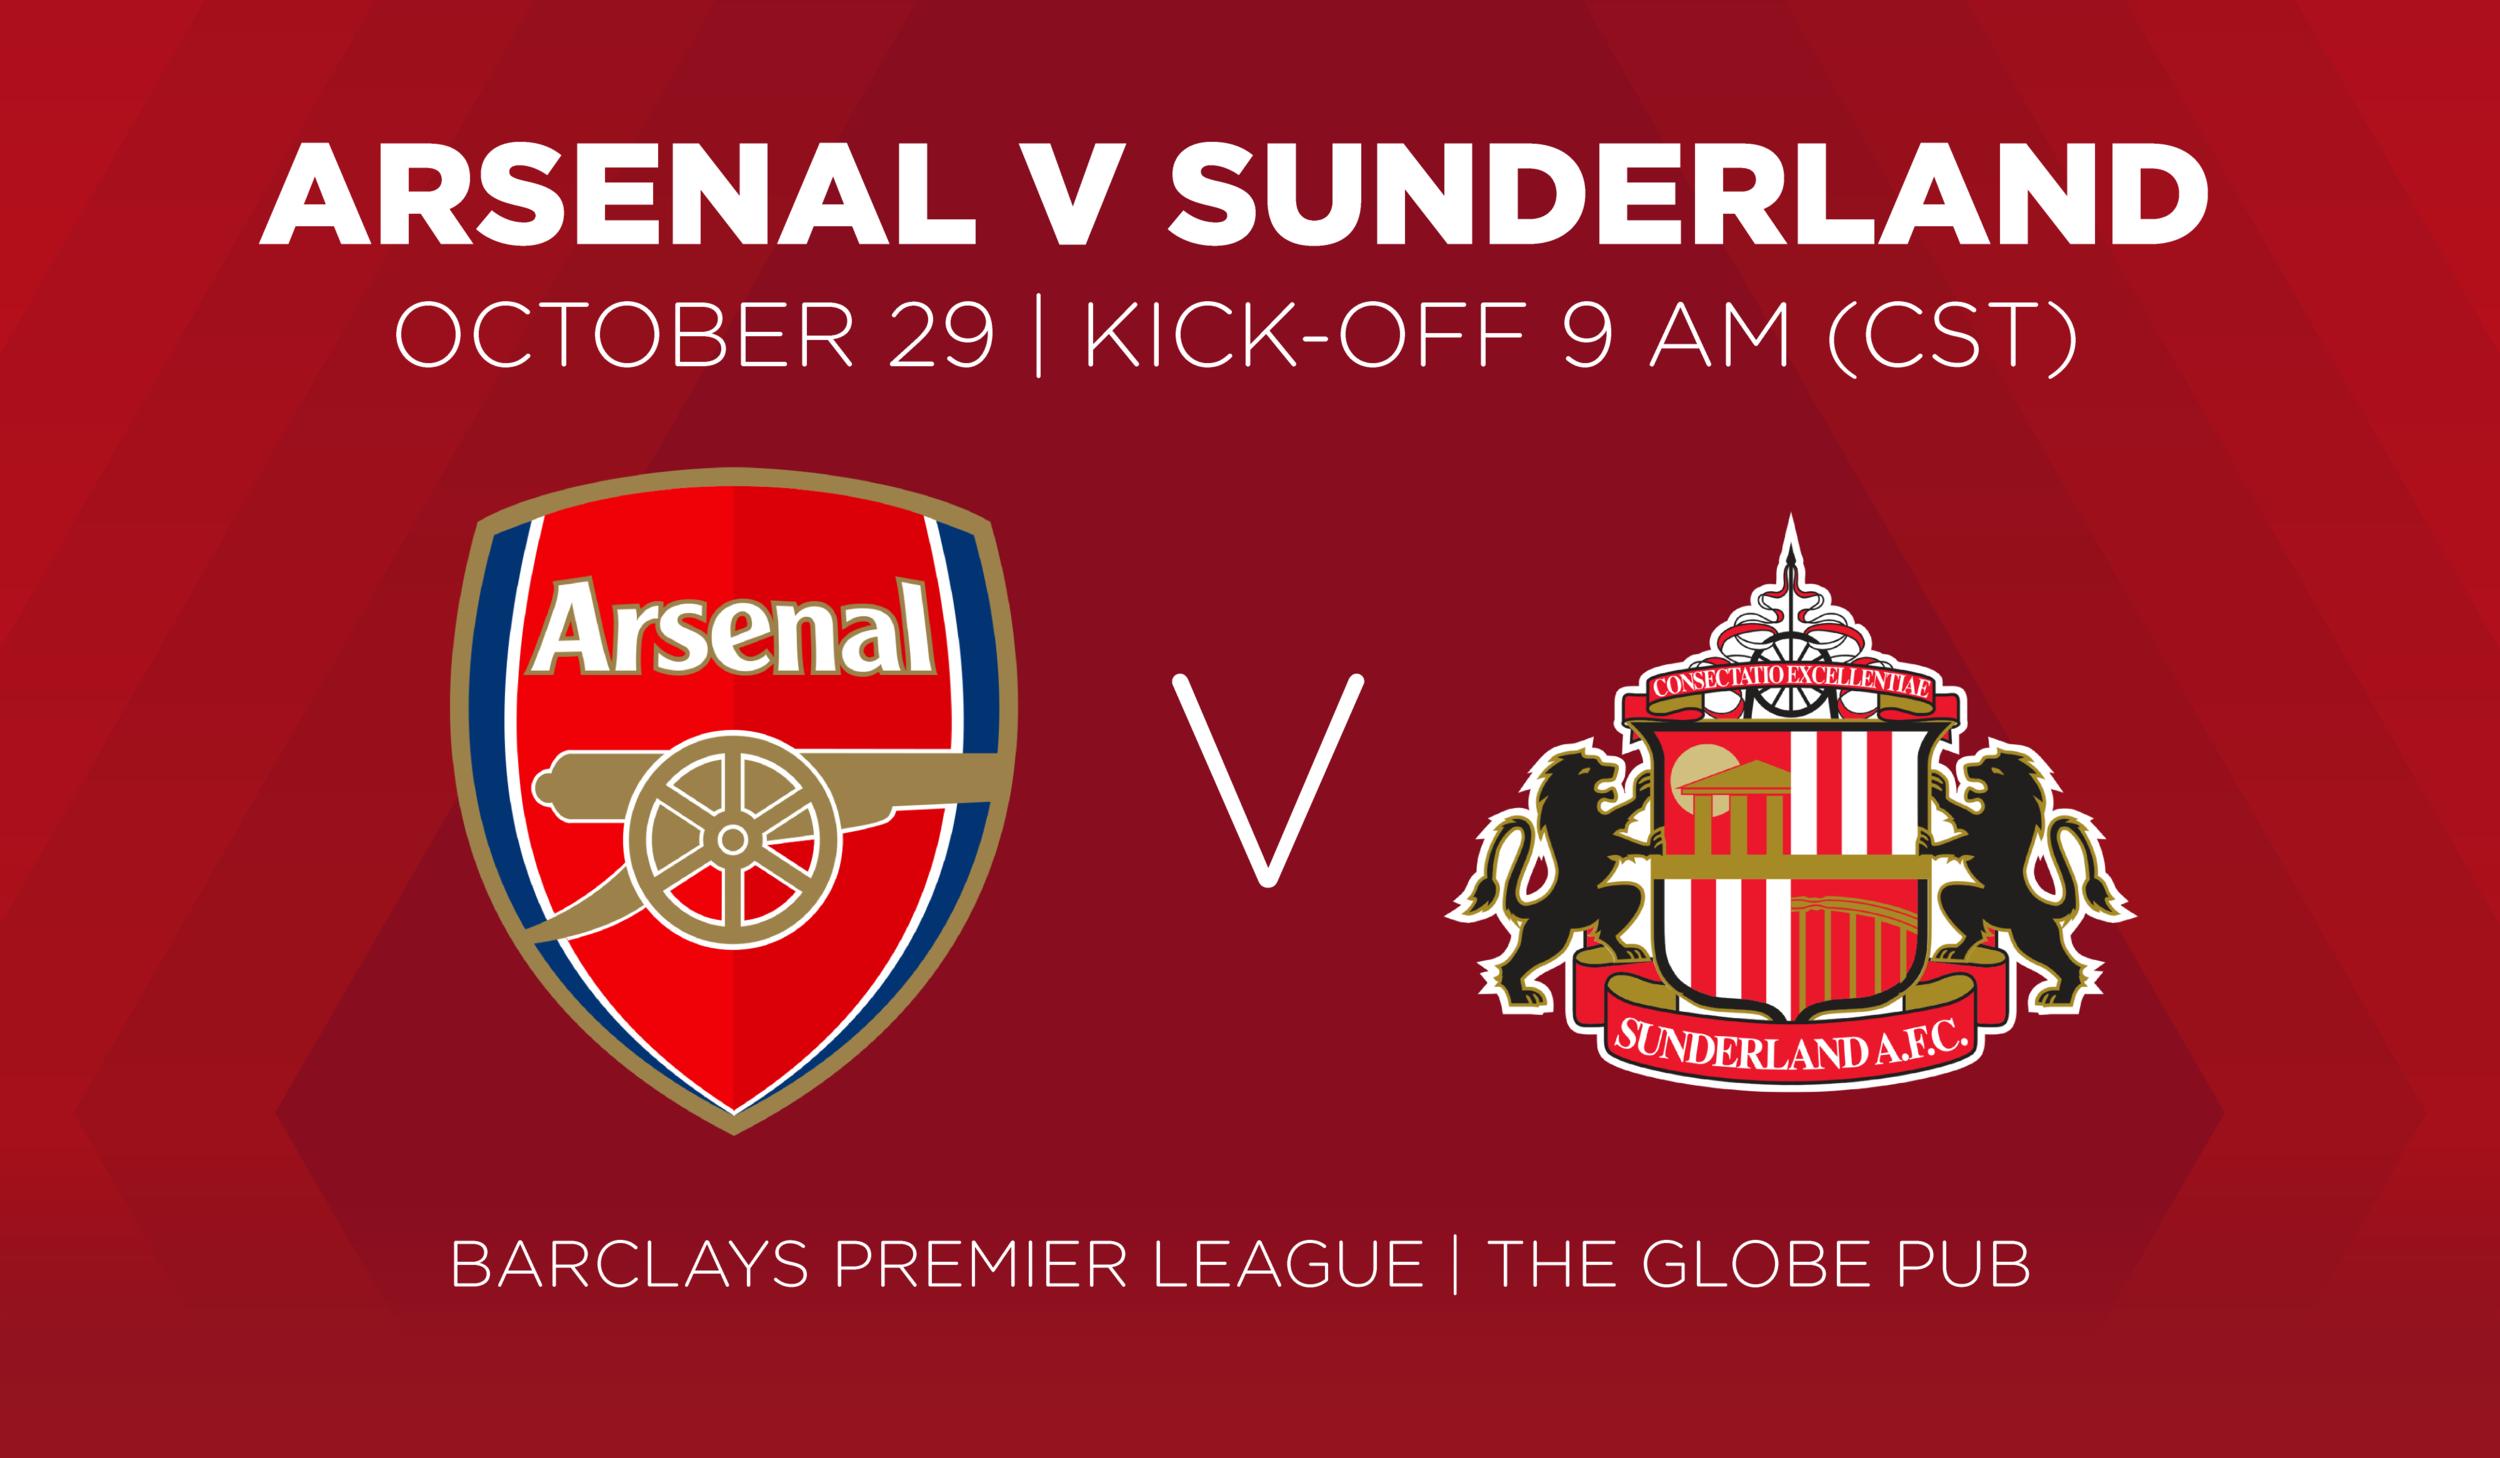 Arsenal V Sunderland